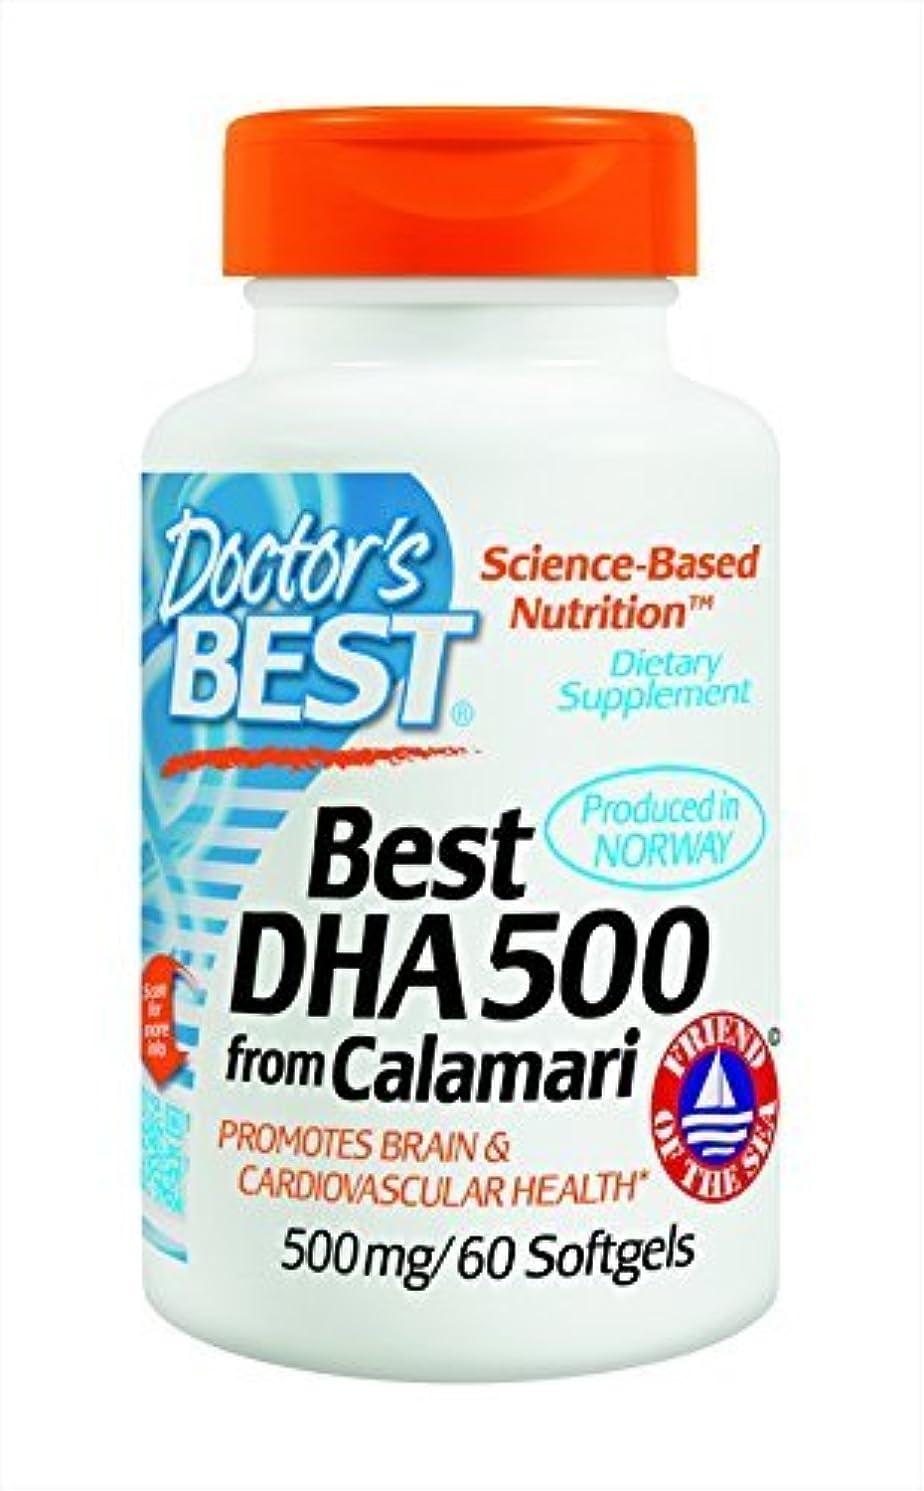 添加素晴らしさグラディスDoctor's Best Best DHA 500 from Calamari, 500 mg, 60 Softgels by Doctor's Best [並行輸入品]